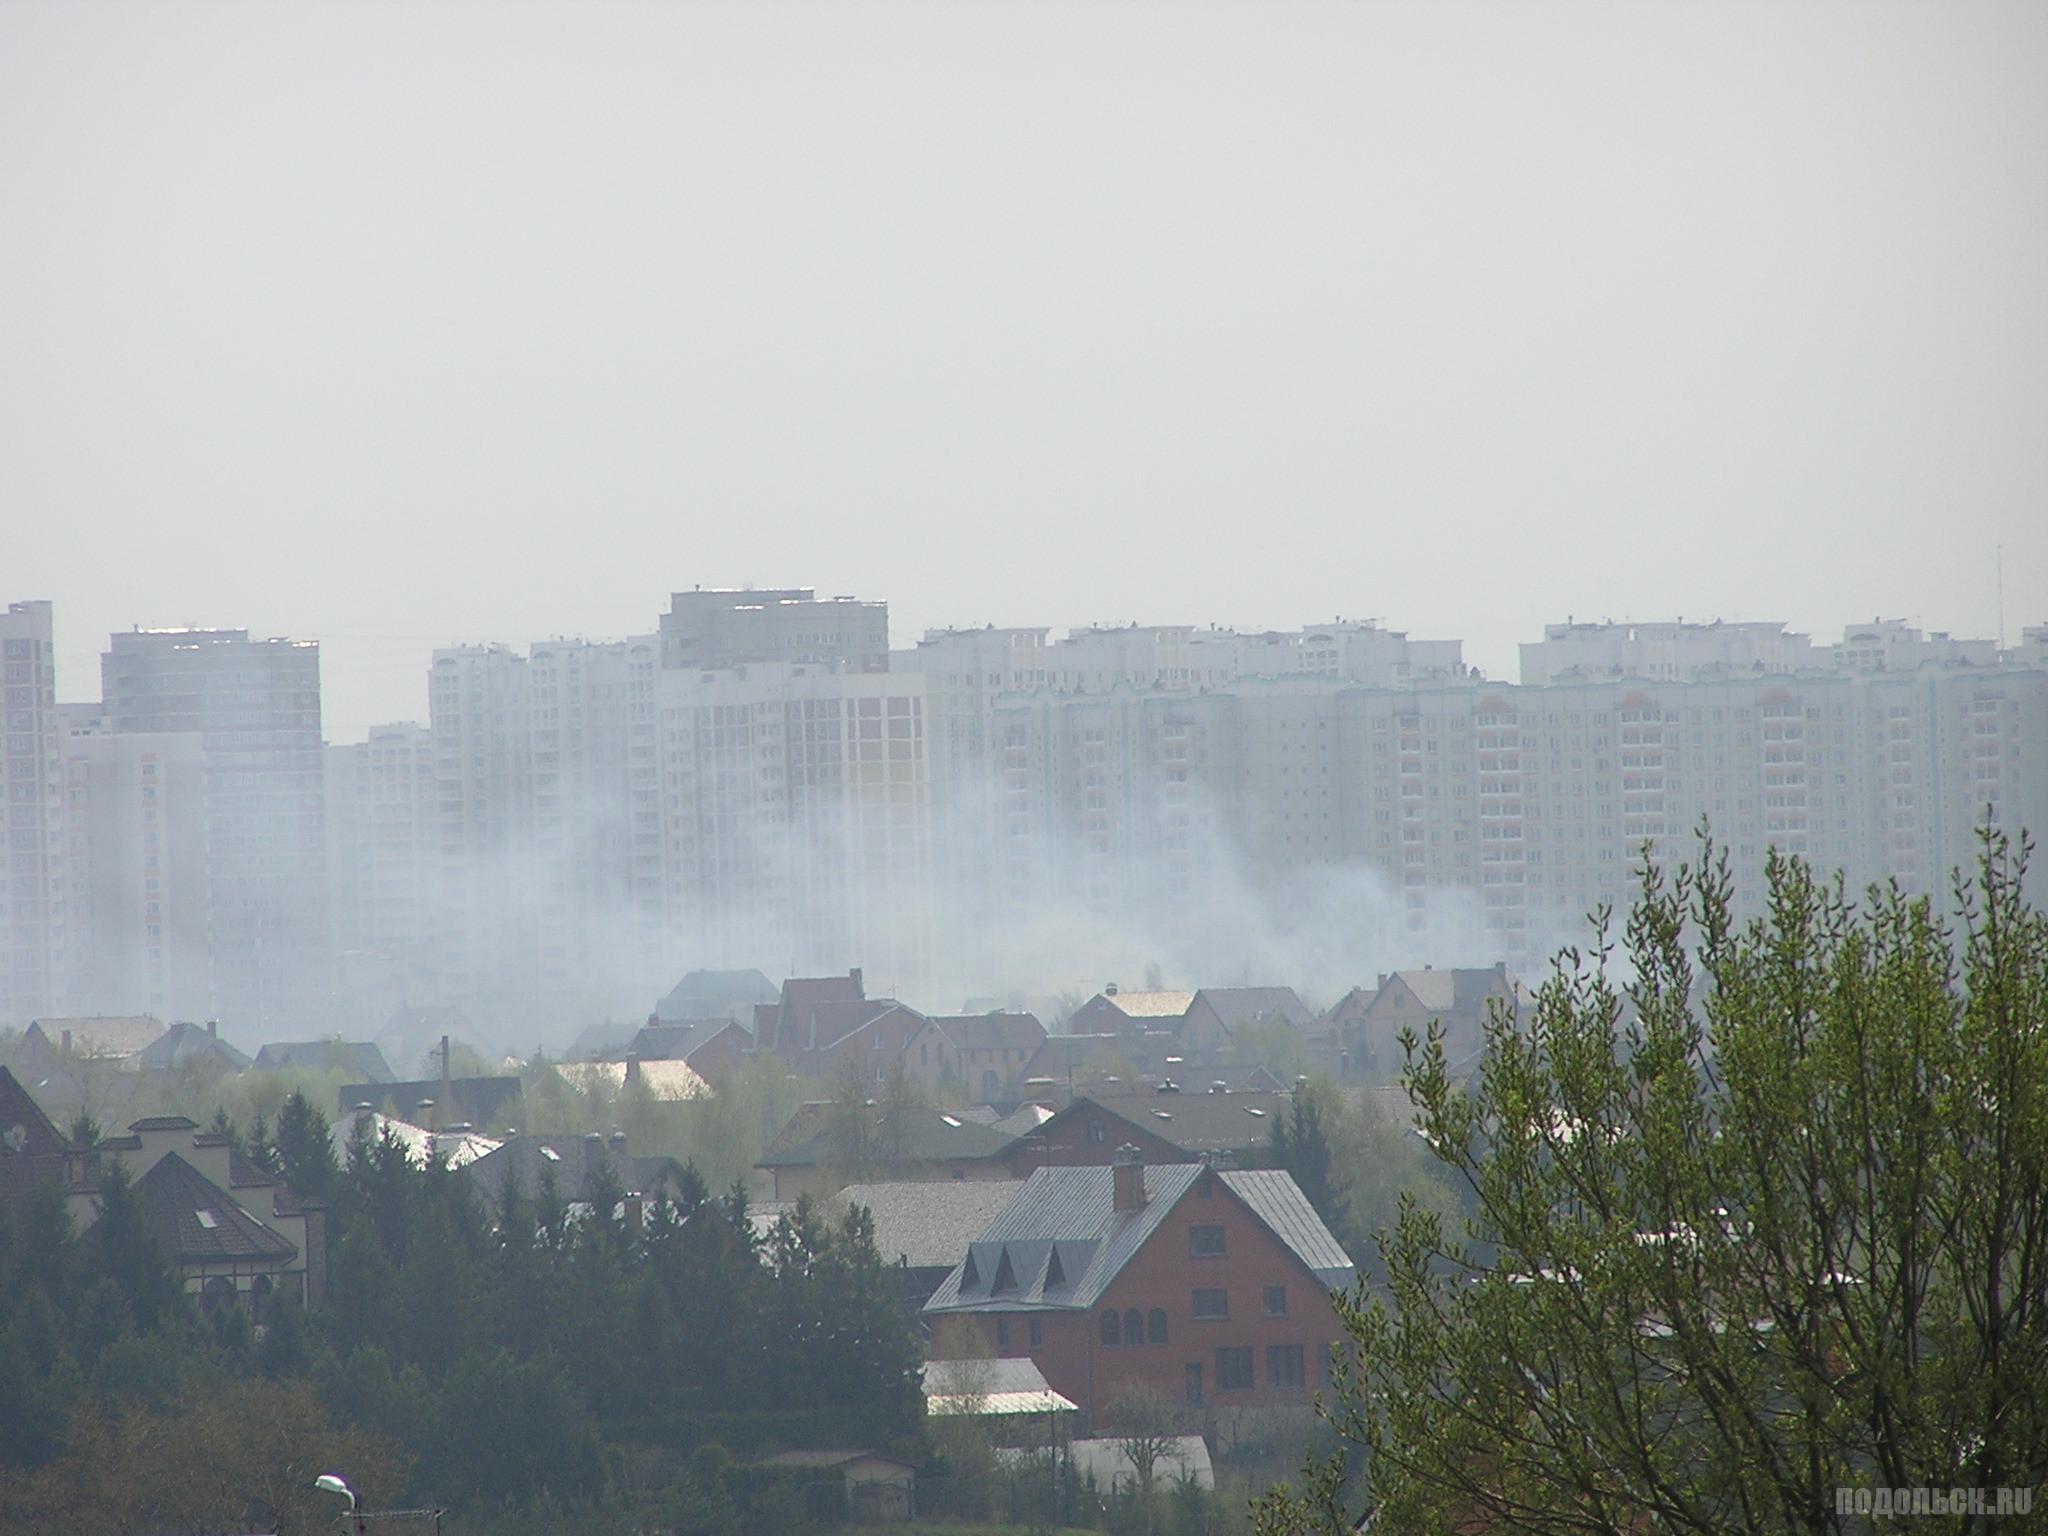 Дым от пожара в Докукине. 27.04.2019